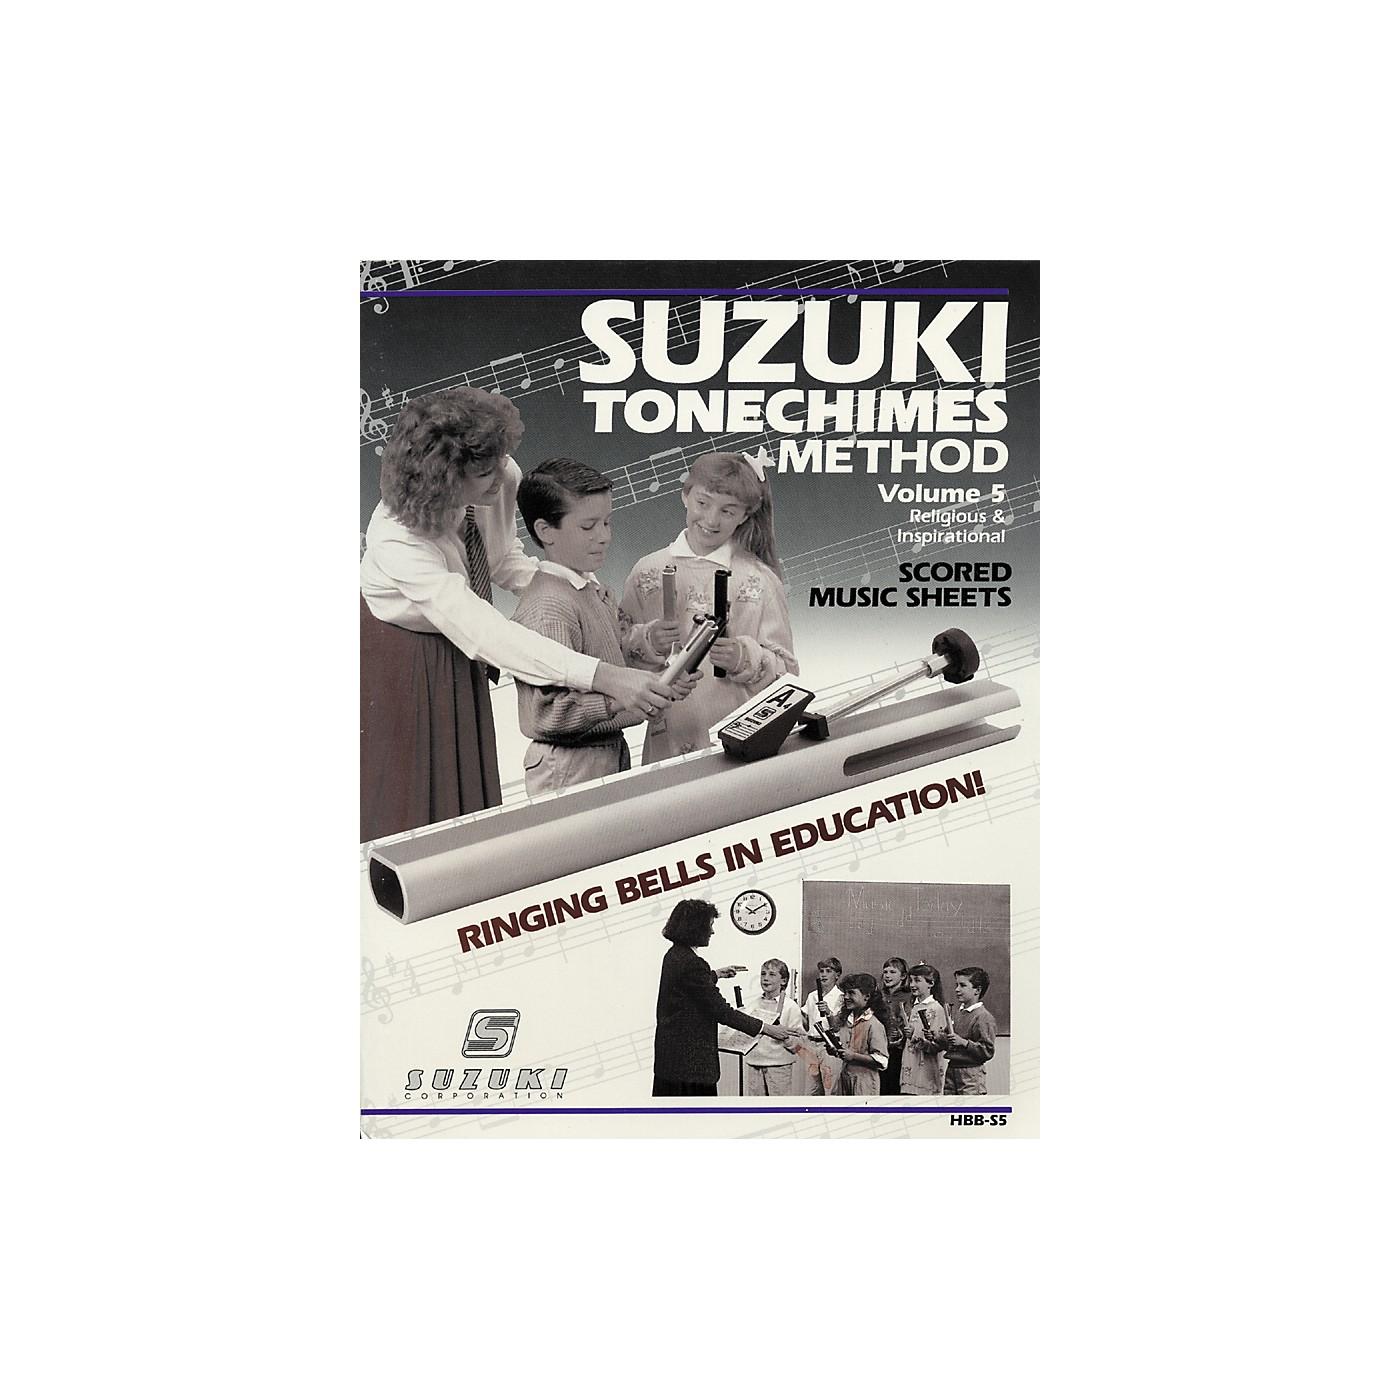 Suzuki Tone Chimes Volume 5 Religious and Inspirational thumbnail